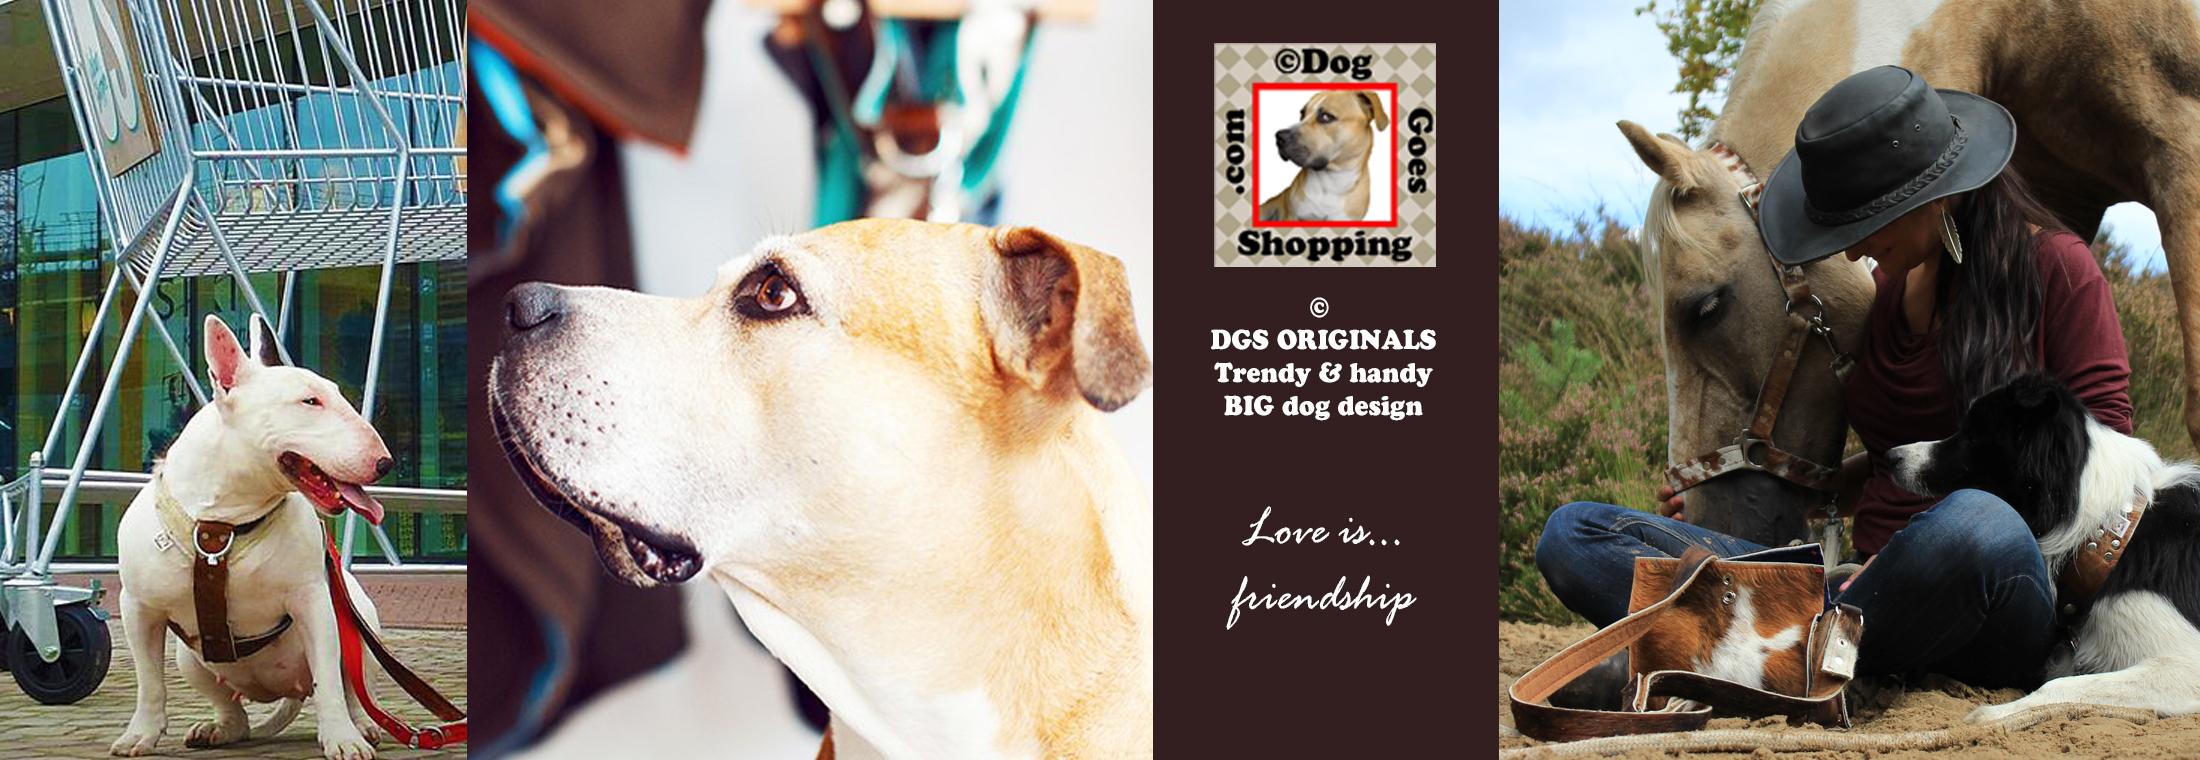 Hondgaatwinkelen2016bigdogs